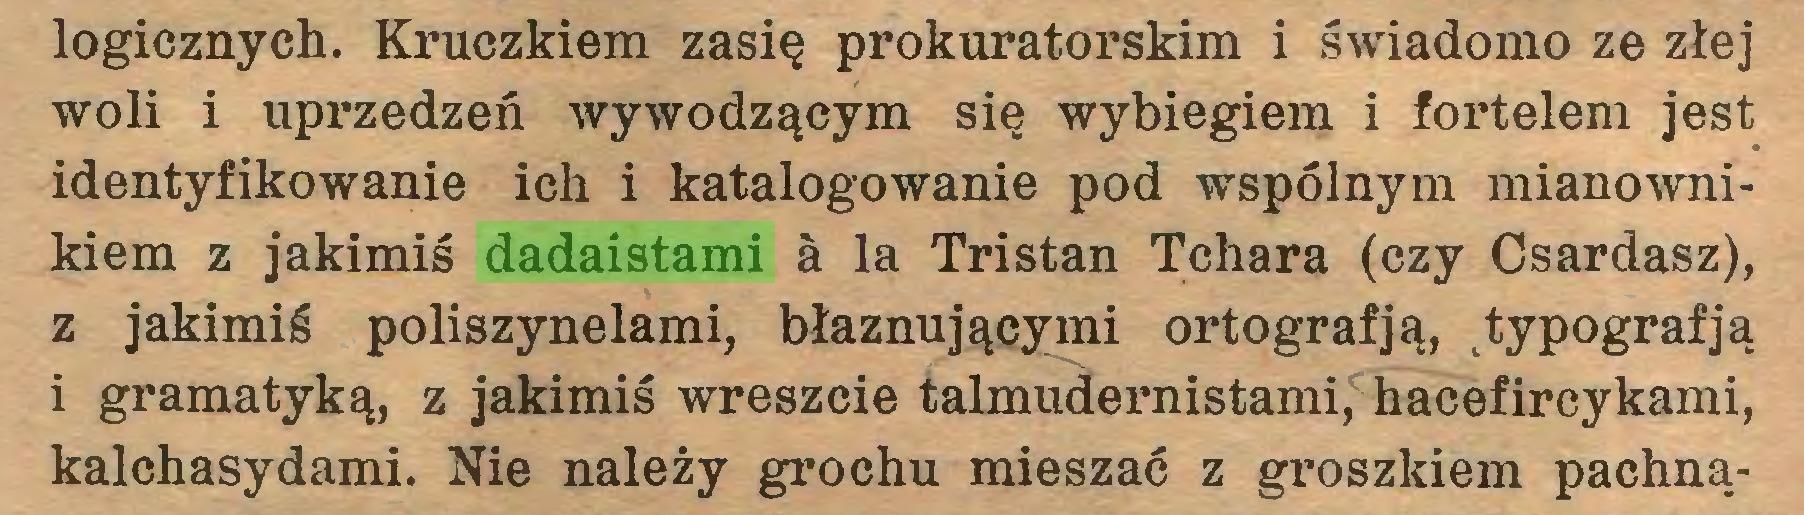 (...) logicznych. Kruczkiem zasię prokuratorskim i świadomo ze złej woli i uprzedzeń wywodzącym się wybiegiem i fortelem jest identyfikowanie ich i katalogowanie pod wspólnym mianownikiem z jakimiś dadaistami a la Tristan Tchara (czy Csardasz), z jakimiś poliszynelami, błaznującymi ortografją, ttypografją i gramatyką, z jakimiś wreszcie talmudernistami, hacefireykami, kalchasydami. Nie należy grochu mieszać z groszkiem pachną...